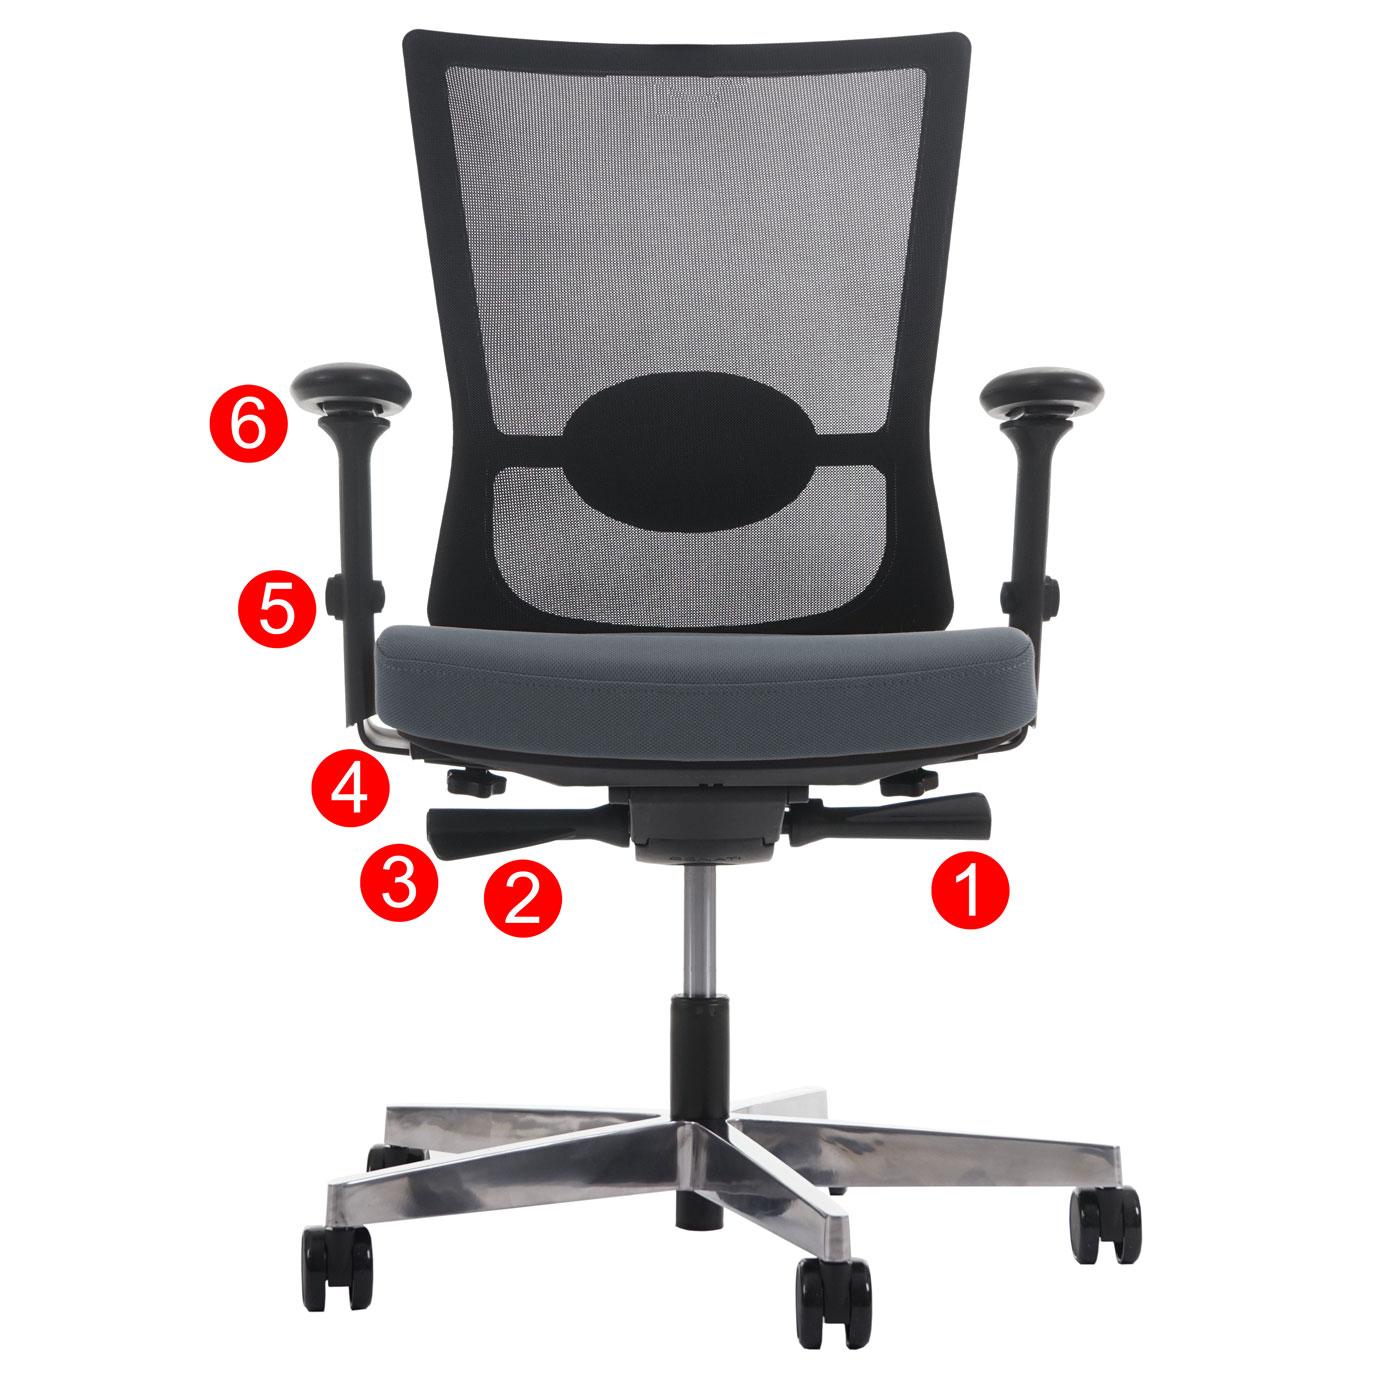 Schreibtisch hocker ergonomisch  Profi Bürostuhl Belfast, Schreibtischstuhl Drehstuhl, ergonomisch ...